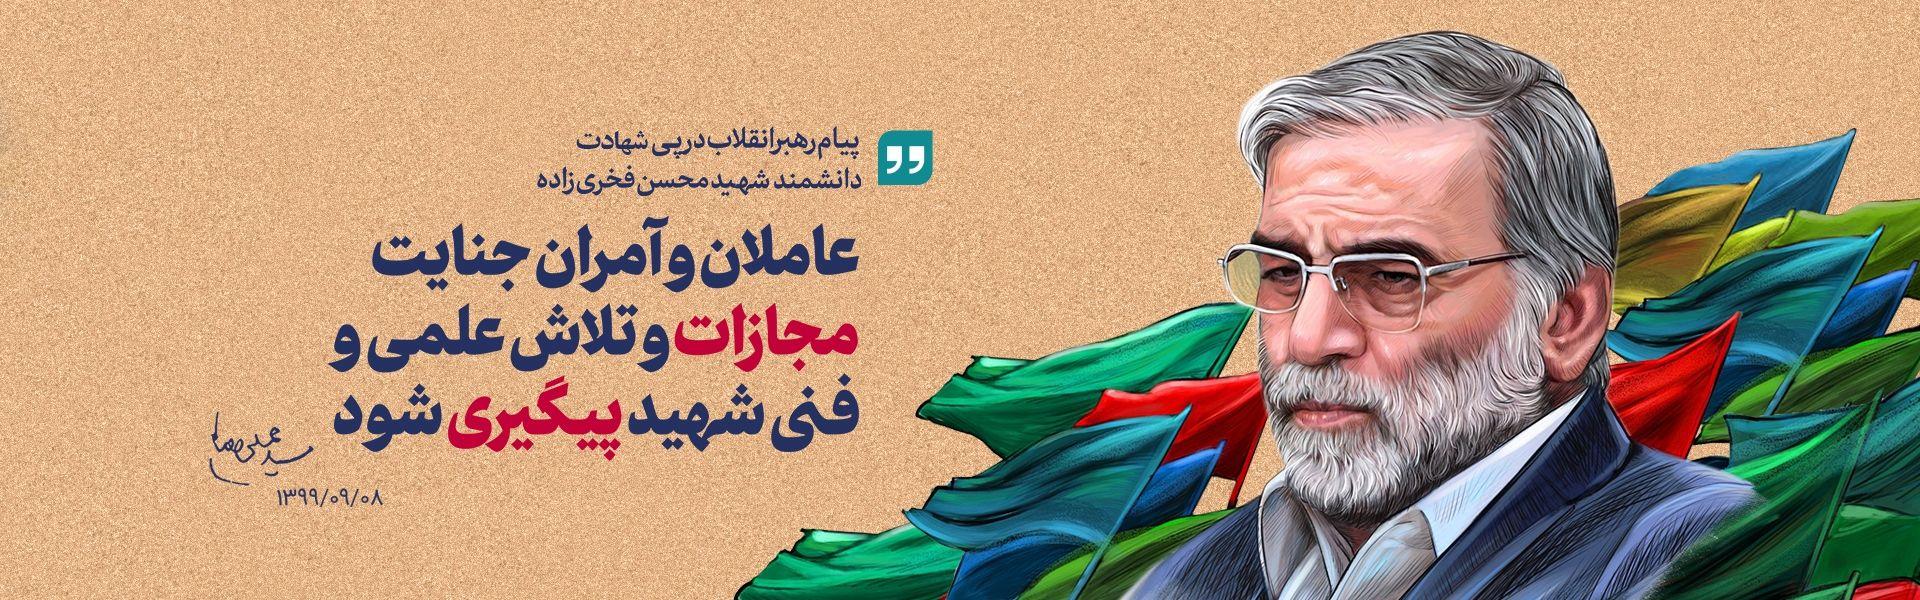 پیام رهبر انقلاب درپی ترور دانشمند هستهای شهید فخریزاده